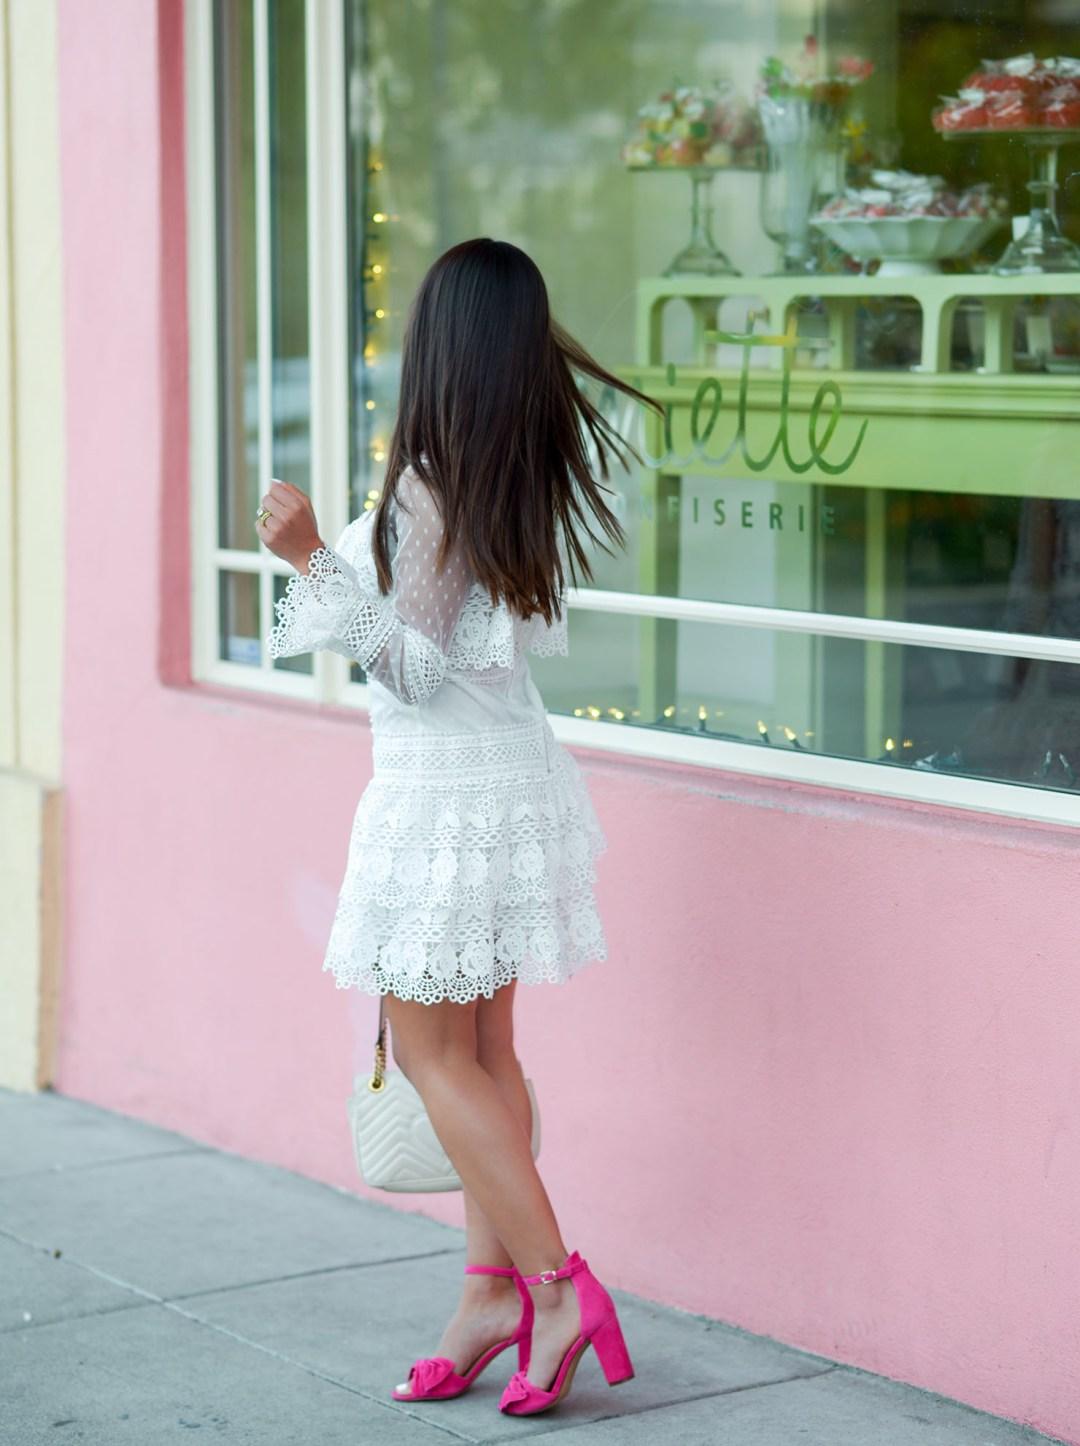 Kelsey Kaplan of Kelsey Kaplan Fashion wearing white crochet dress and pink sandals